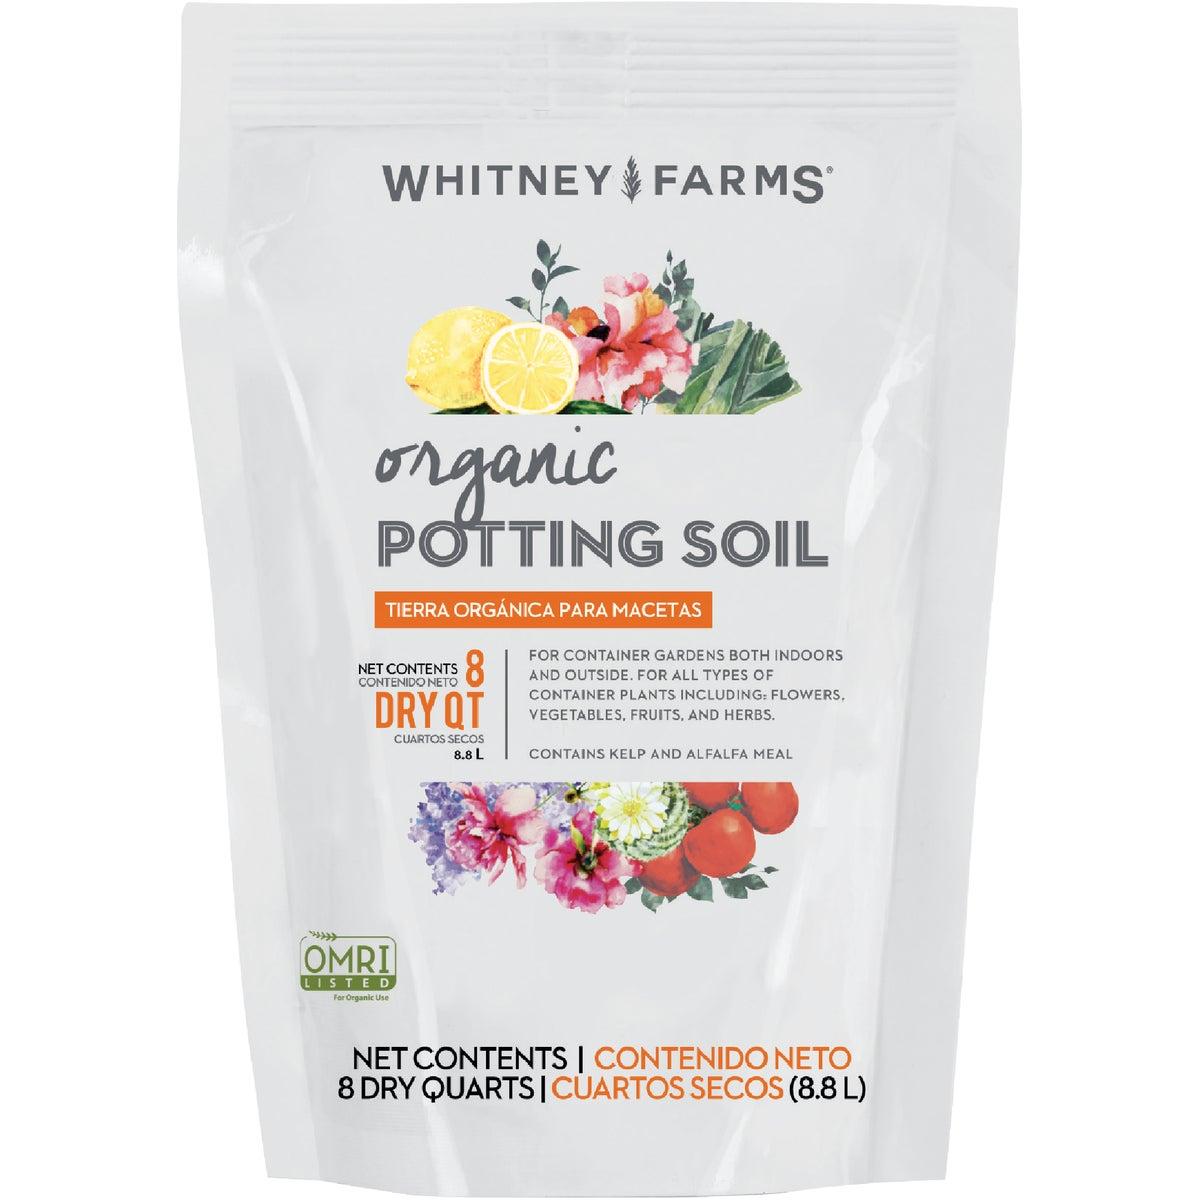 Scotts Organics 8QT WF ORGANIC POT SOIL 71678240